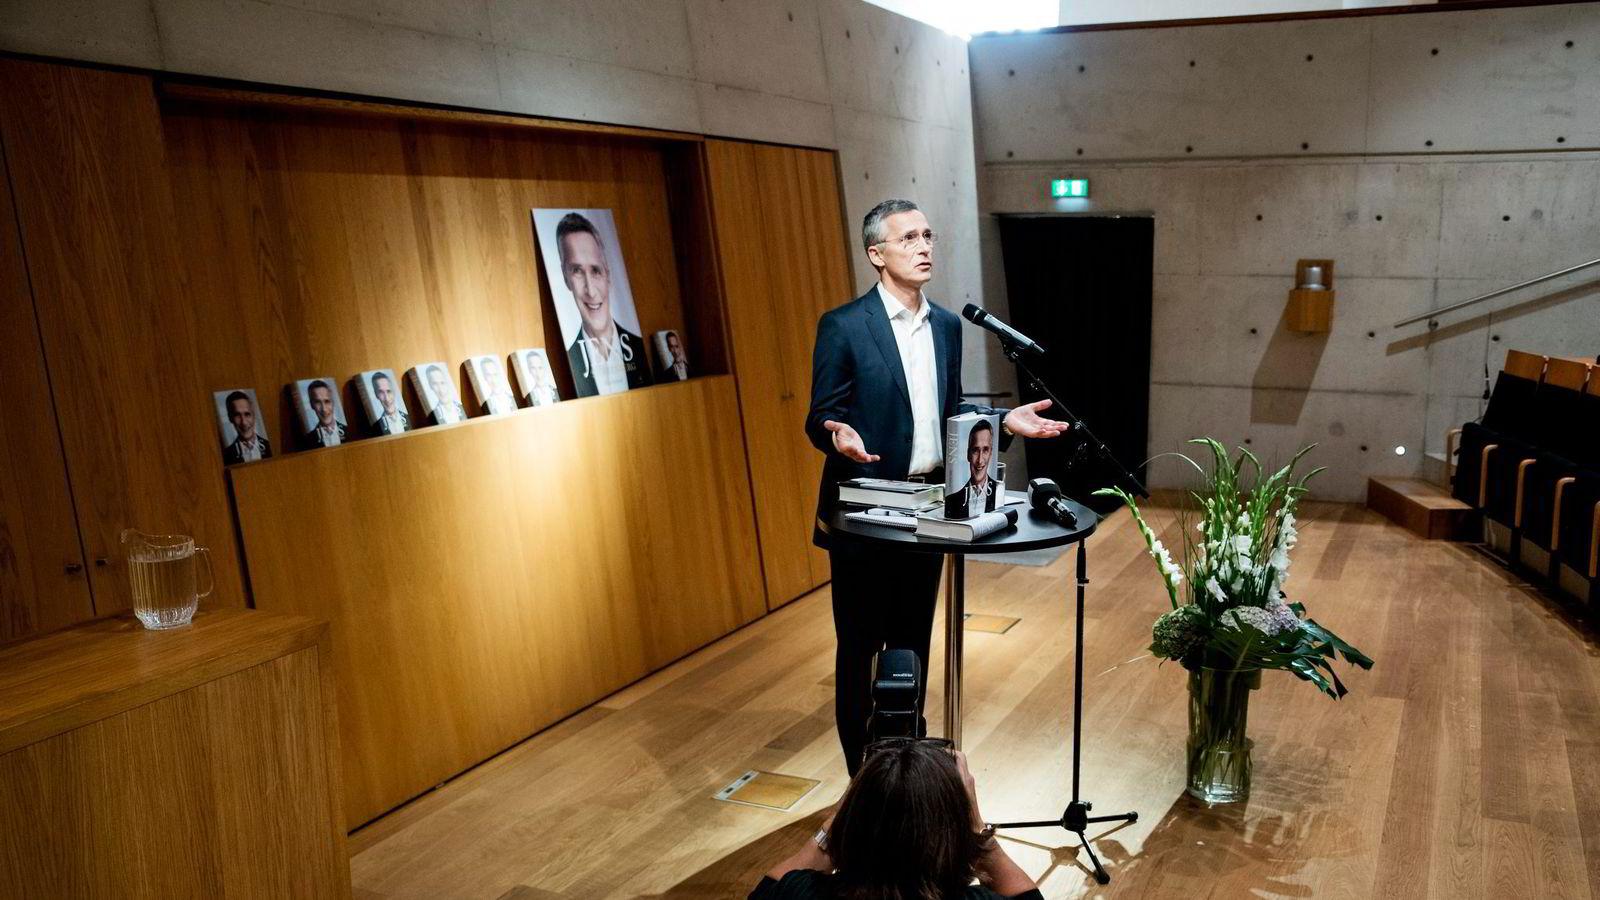 Nato-sjef Jens Stoltenberg inngikk allerede i 2007 en kontrakt med Gyldendal om å skrive sin biografi. Hans gamle venn Knut Brundtland var sentral i disse forhandlingene.